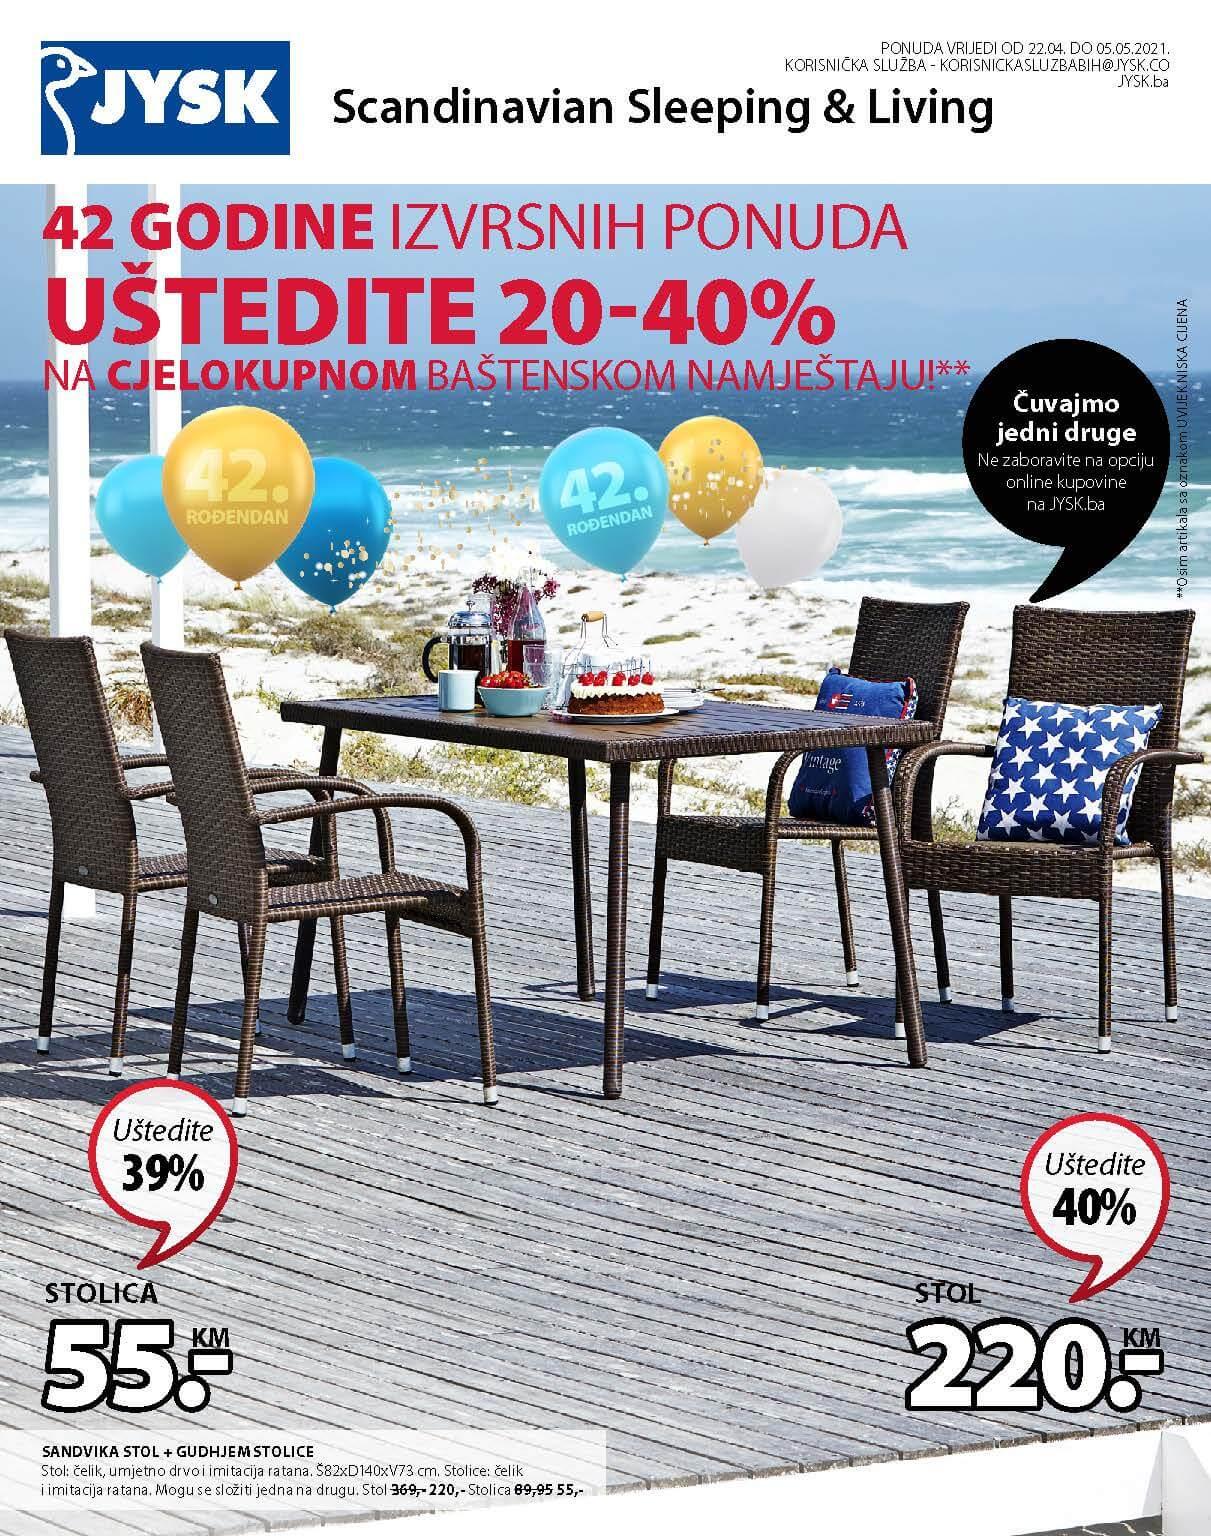 JYSK Katalog AKCIJA Super dani APRIL 2021 22.04.2021. 28.04.2021. Page 02 2